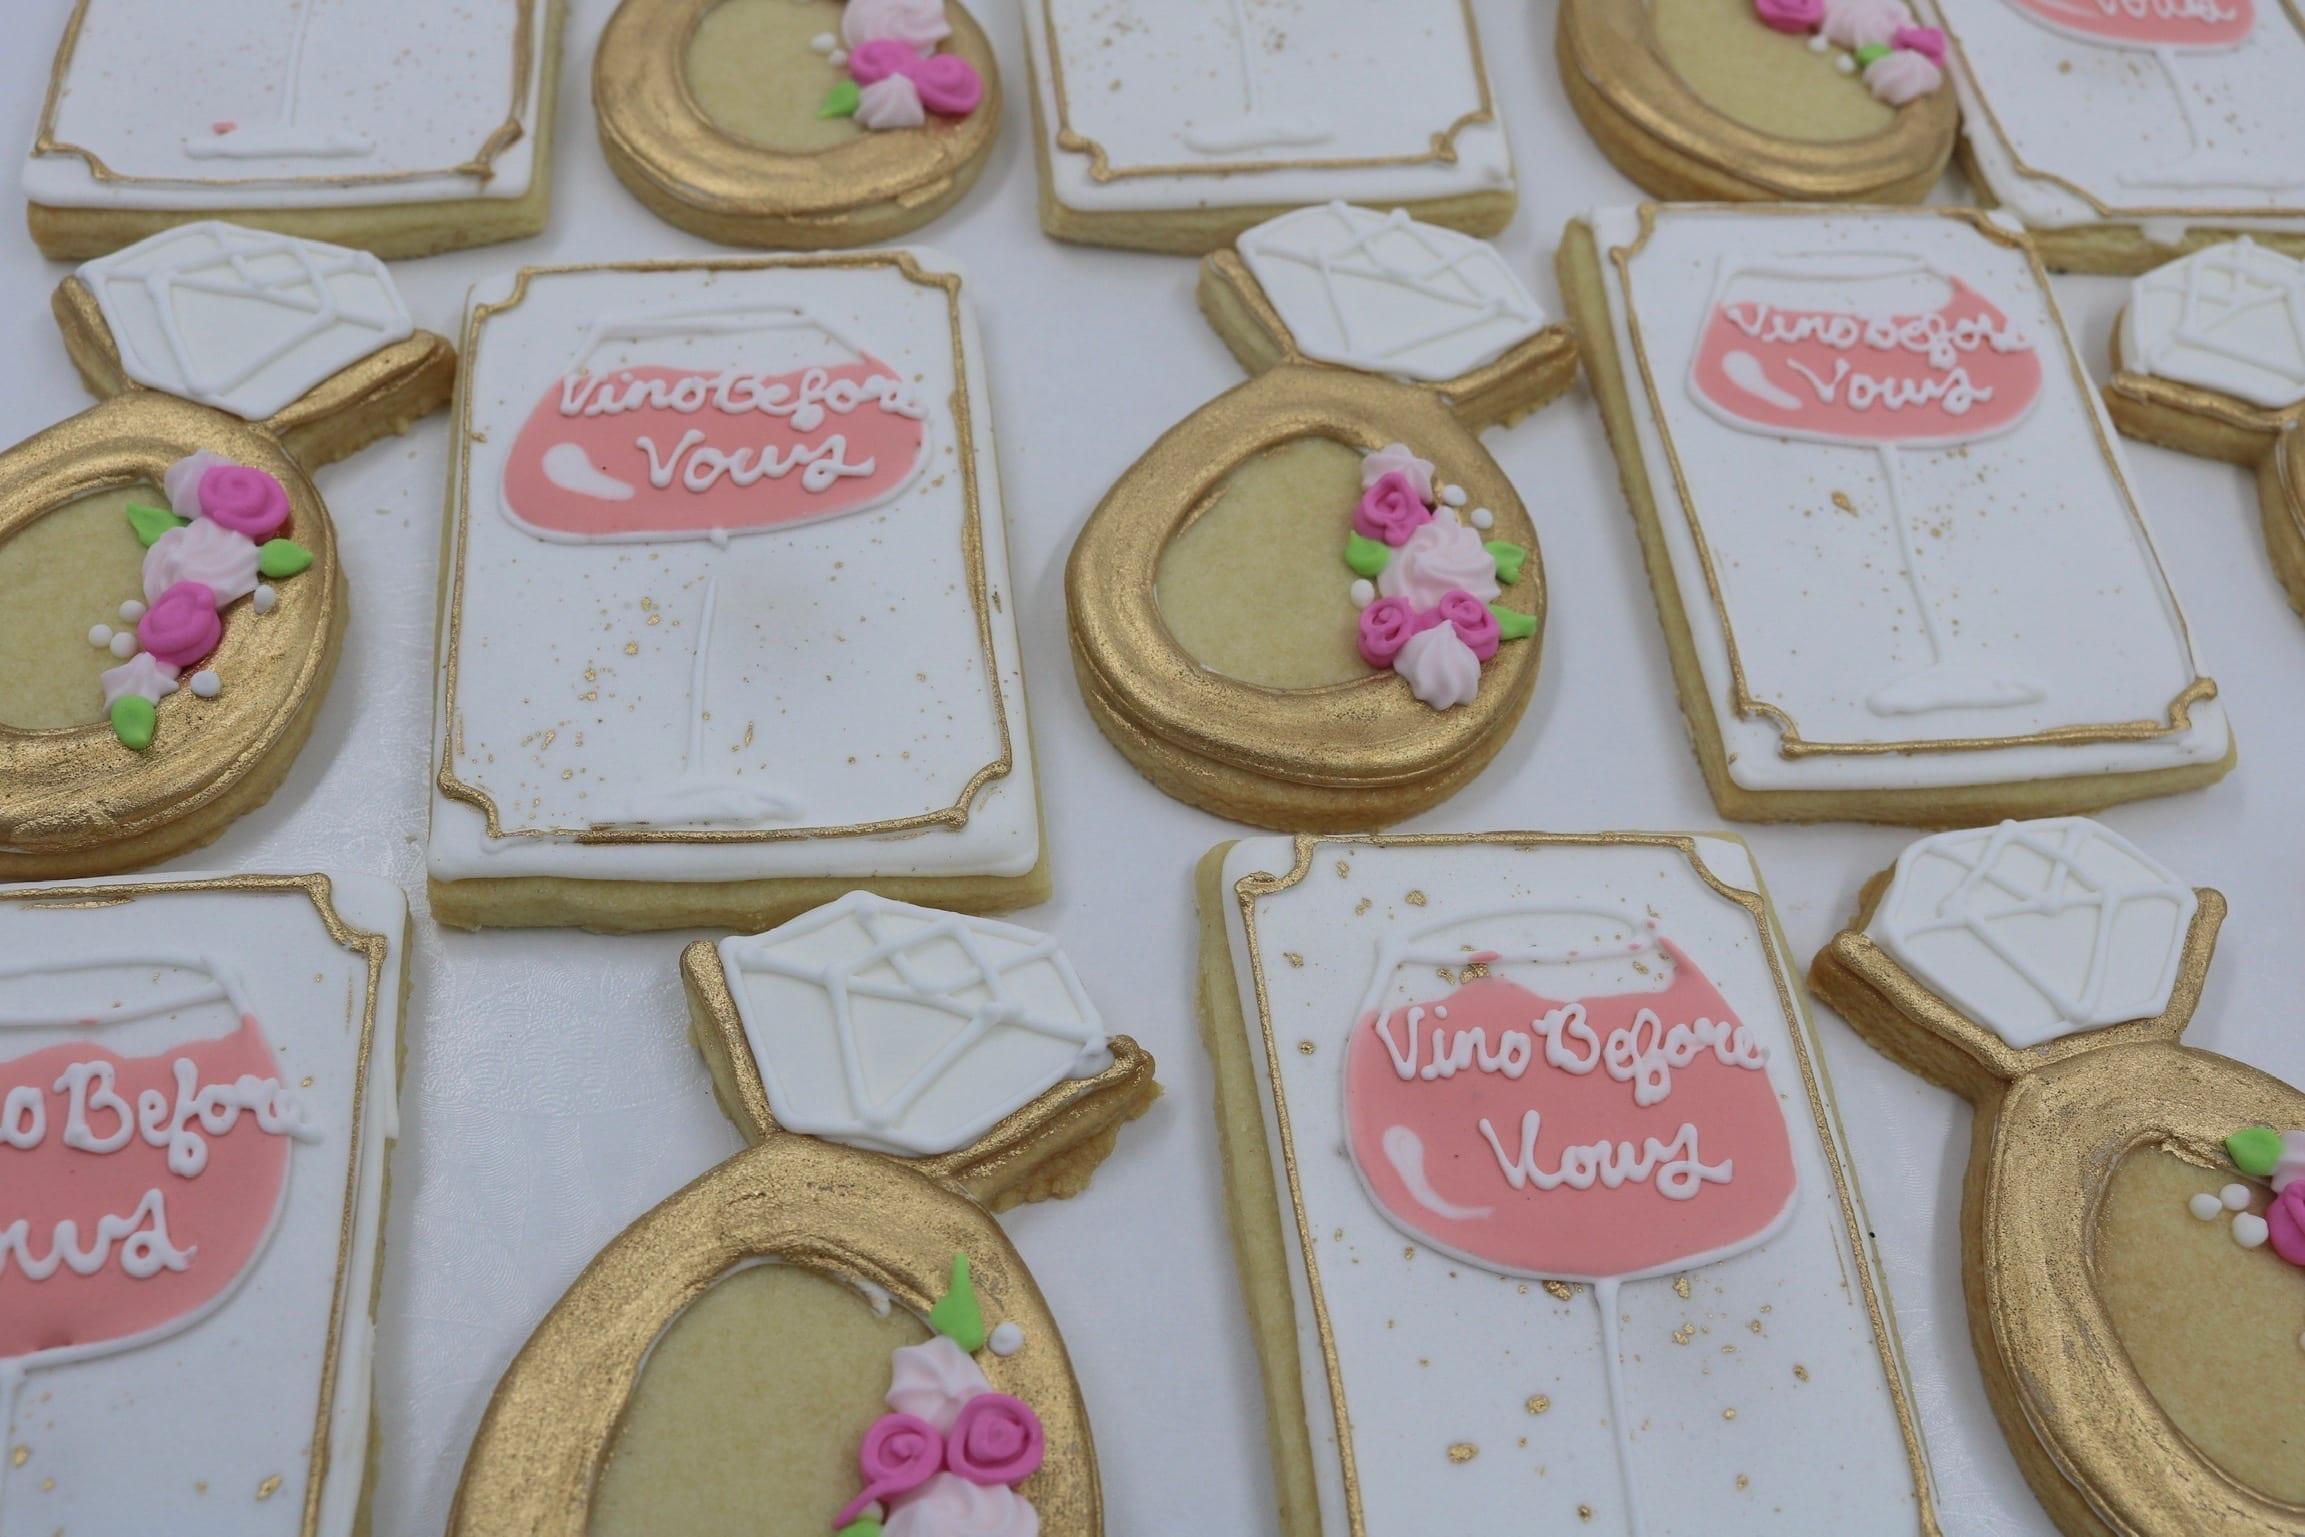 Vino Before Vows Cookies | 3 Sweet Girls Cakery